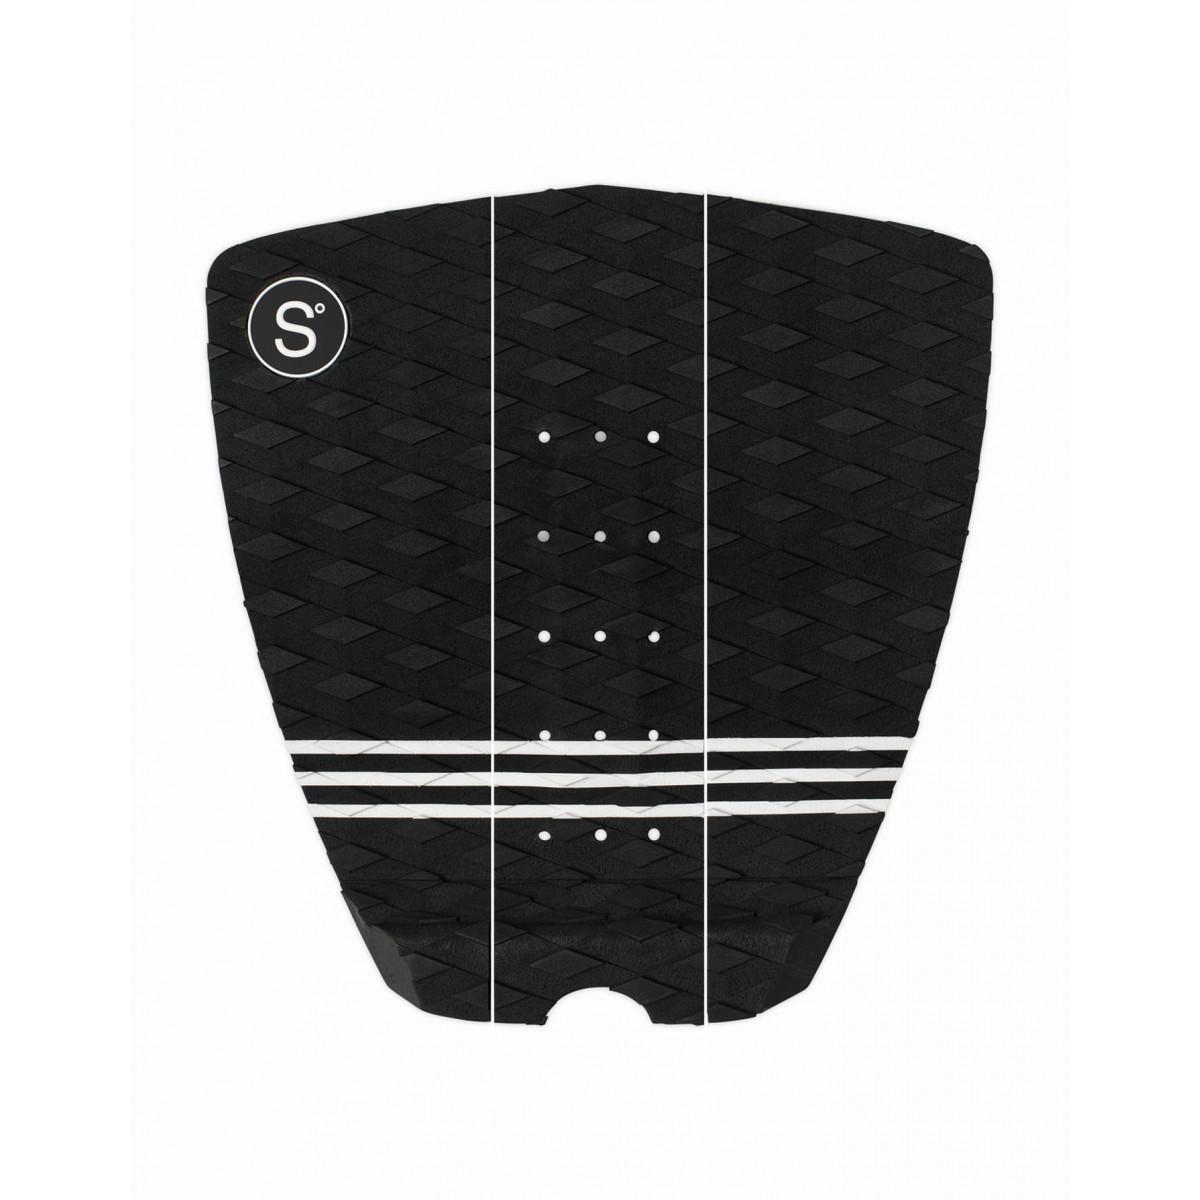 Pad Nº3 BLACK – sympl co